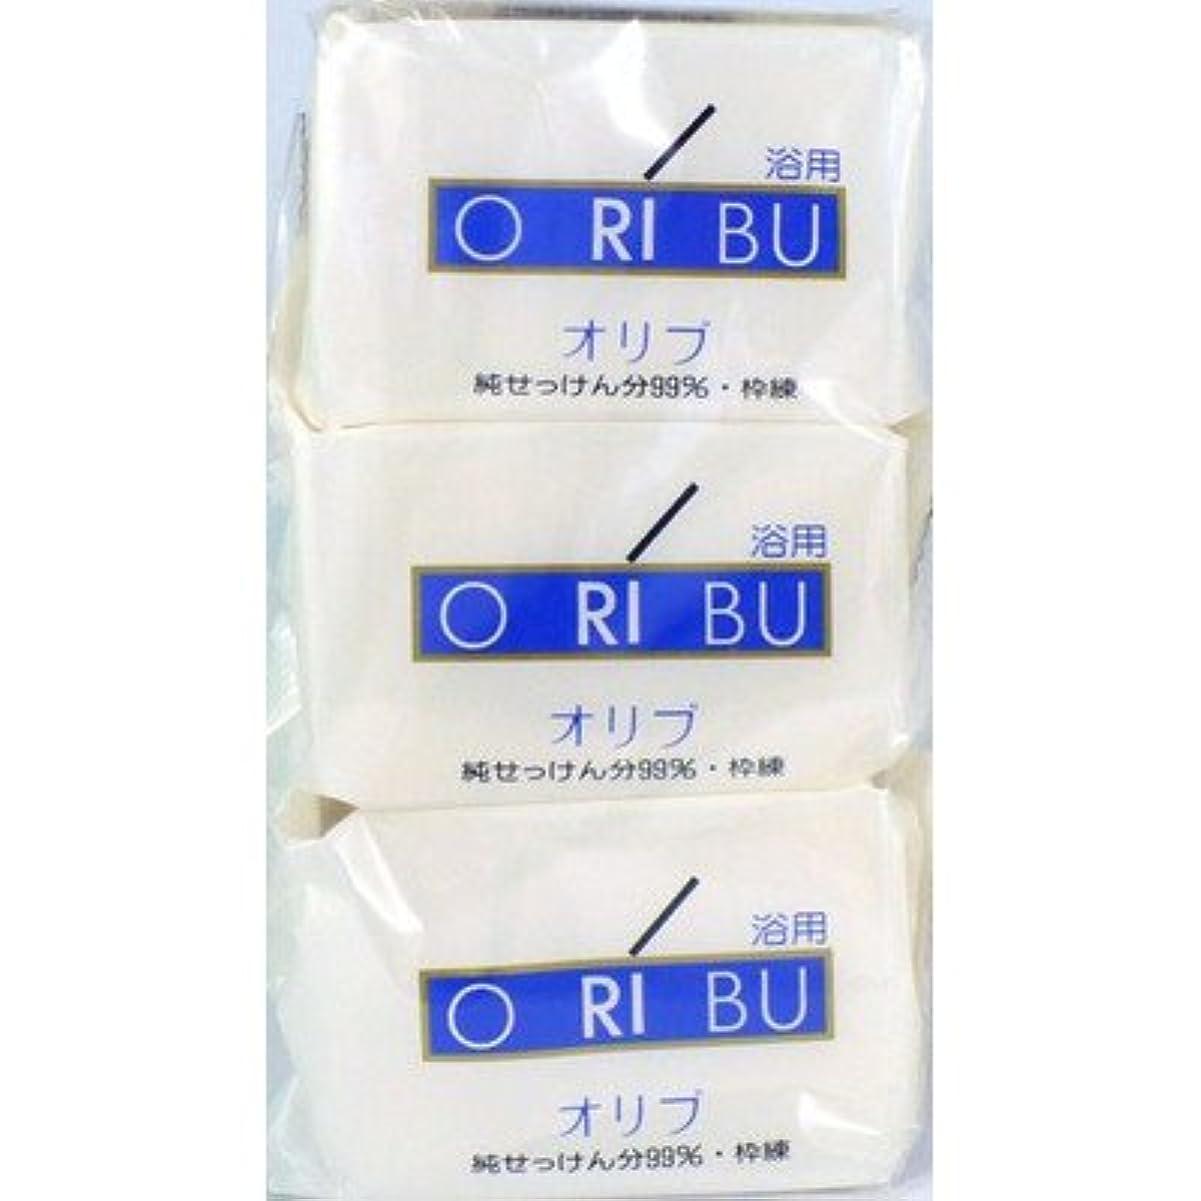 事前肥料幸福暁石鹸 ORIBU オリブ 浴用石鹸 110g 3個入り